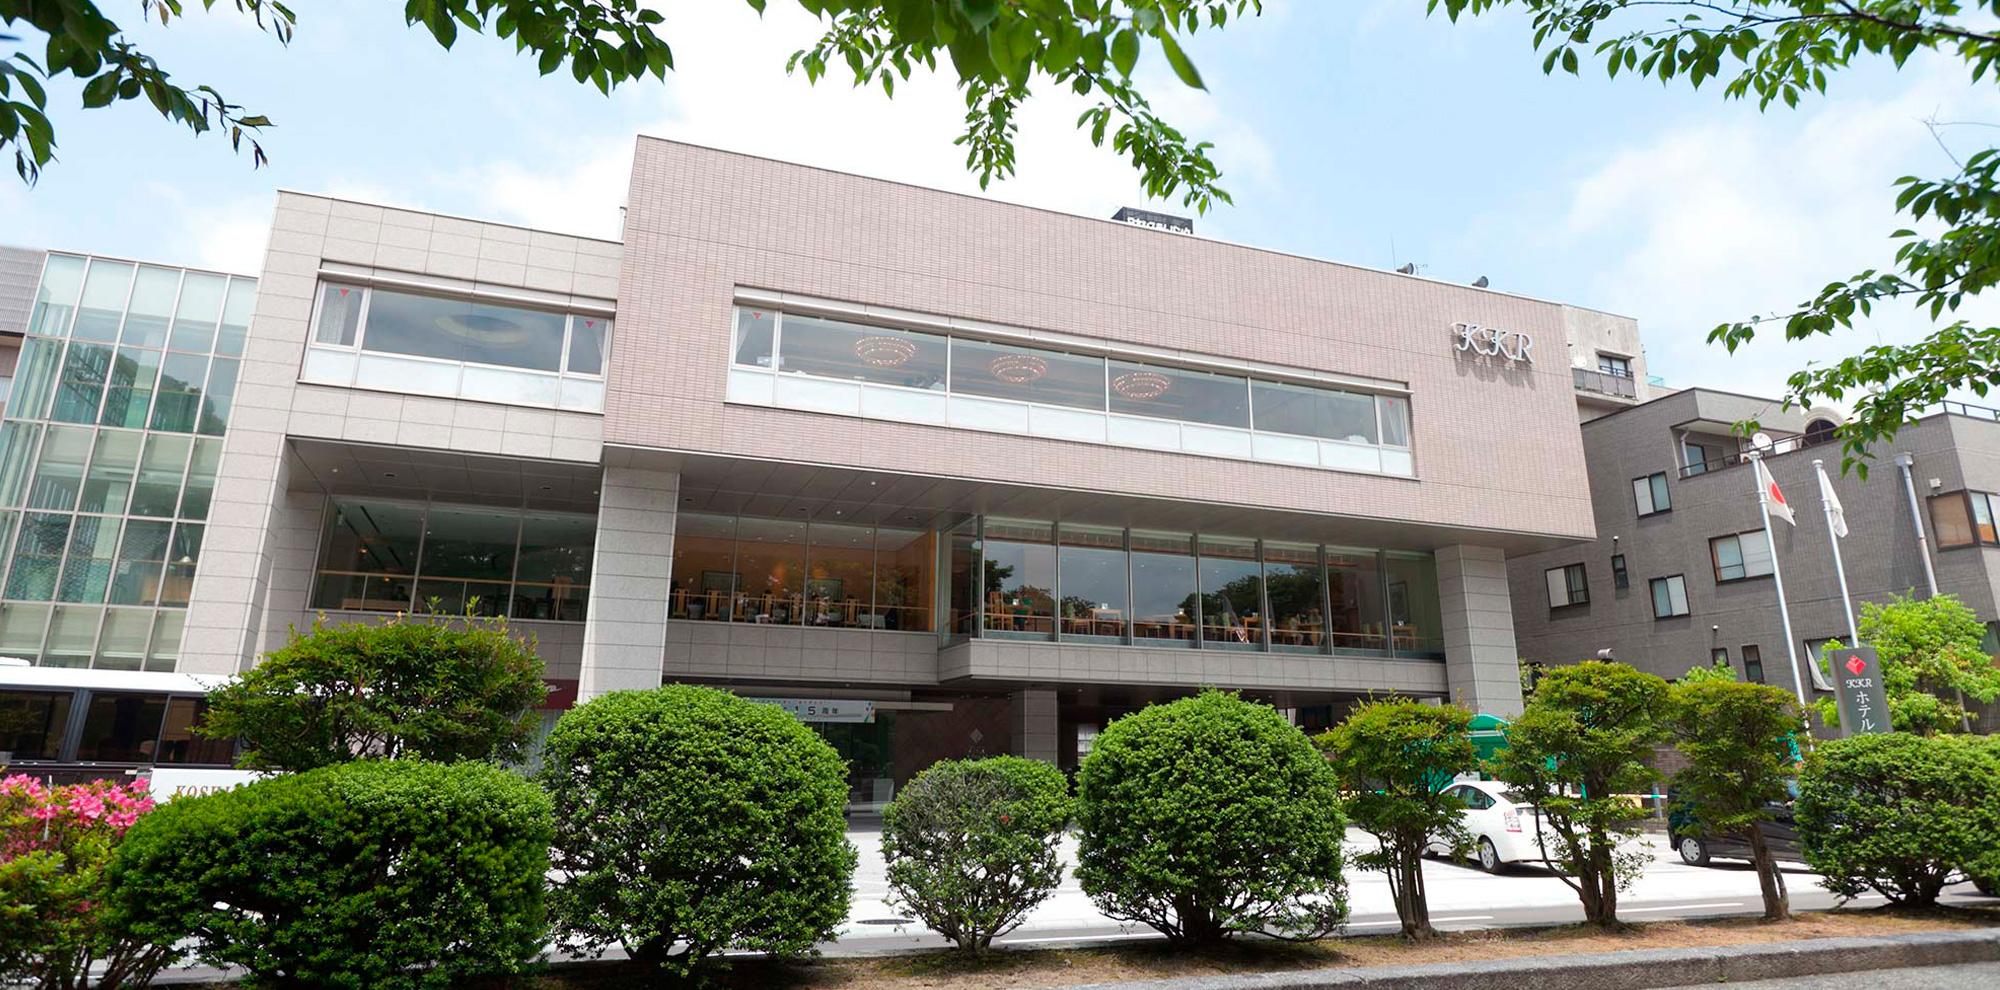 石川県金沢市大手町2-32 KKRホテル金沢 -01